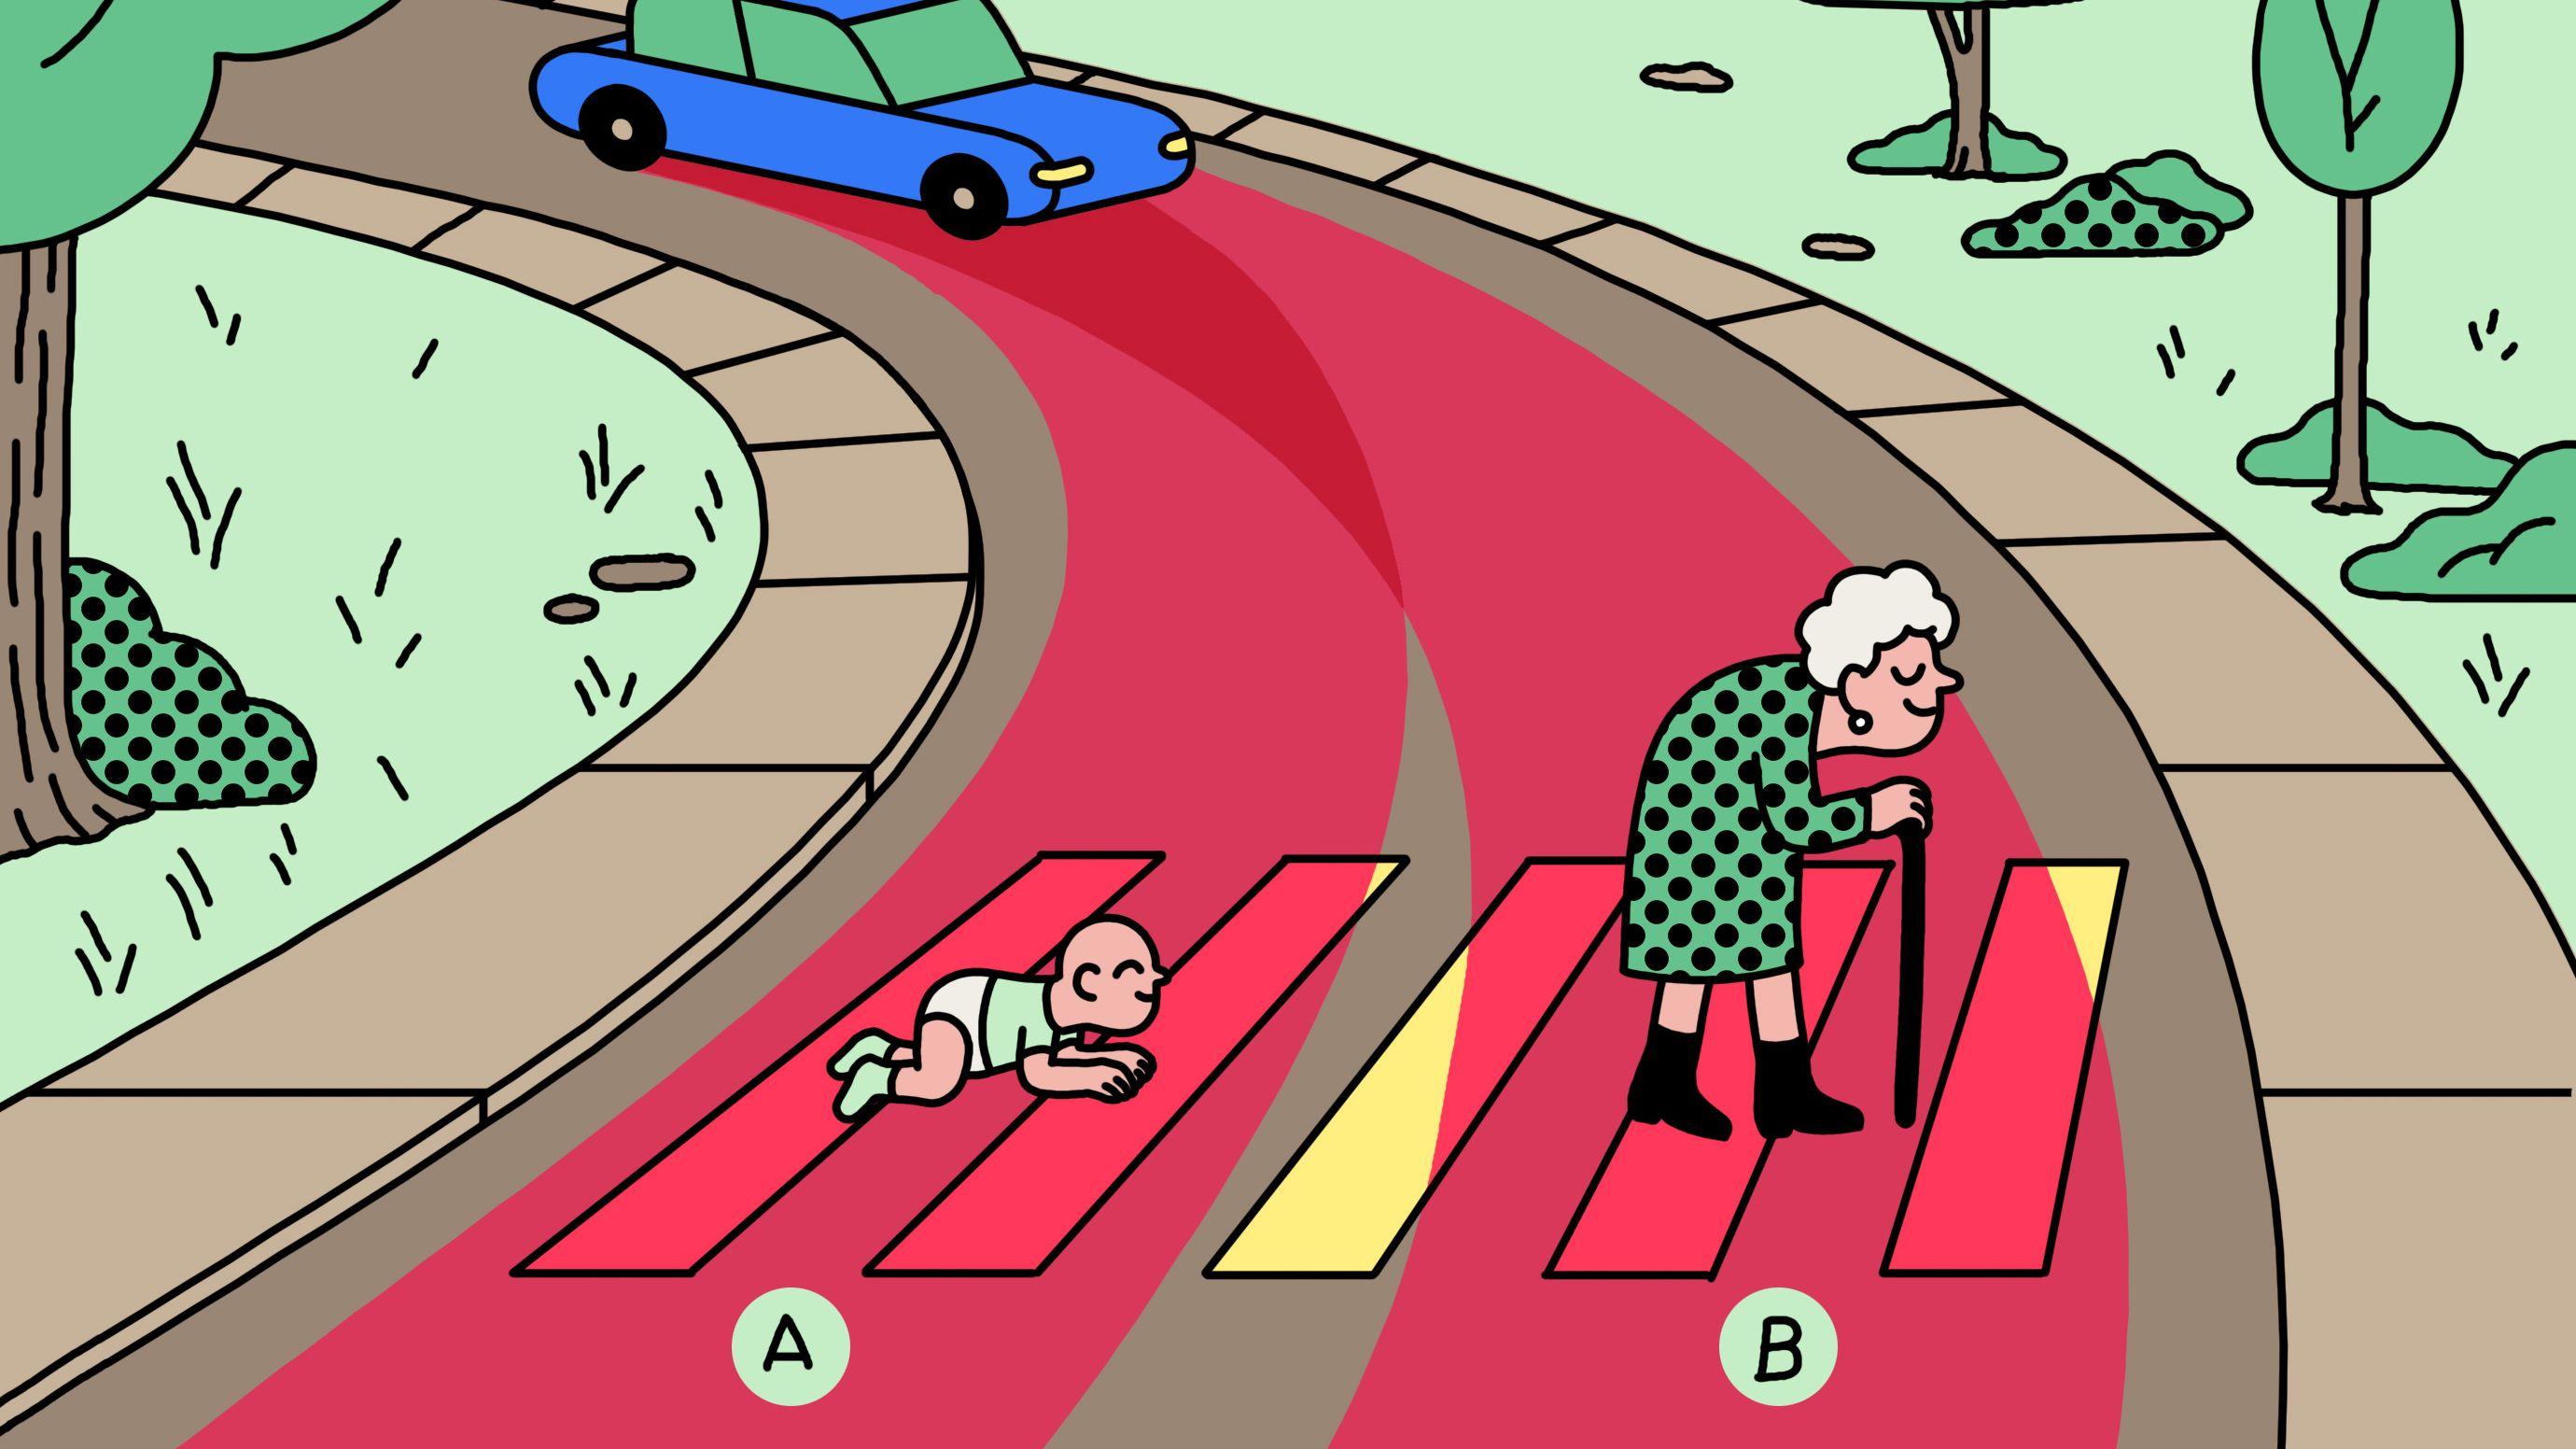 自動運転車は誰を救うべきか 「究極の選択」国民性に違い